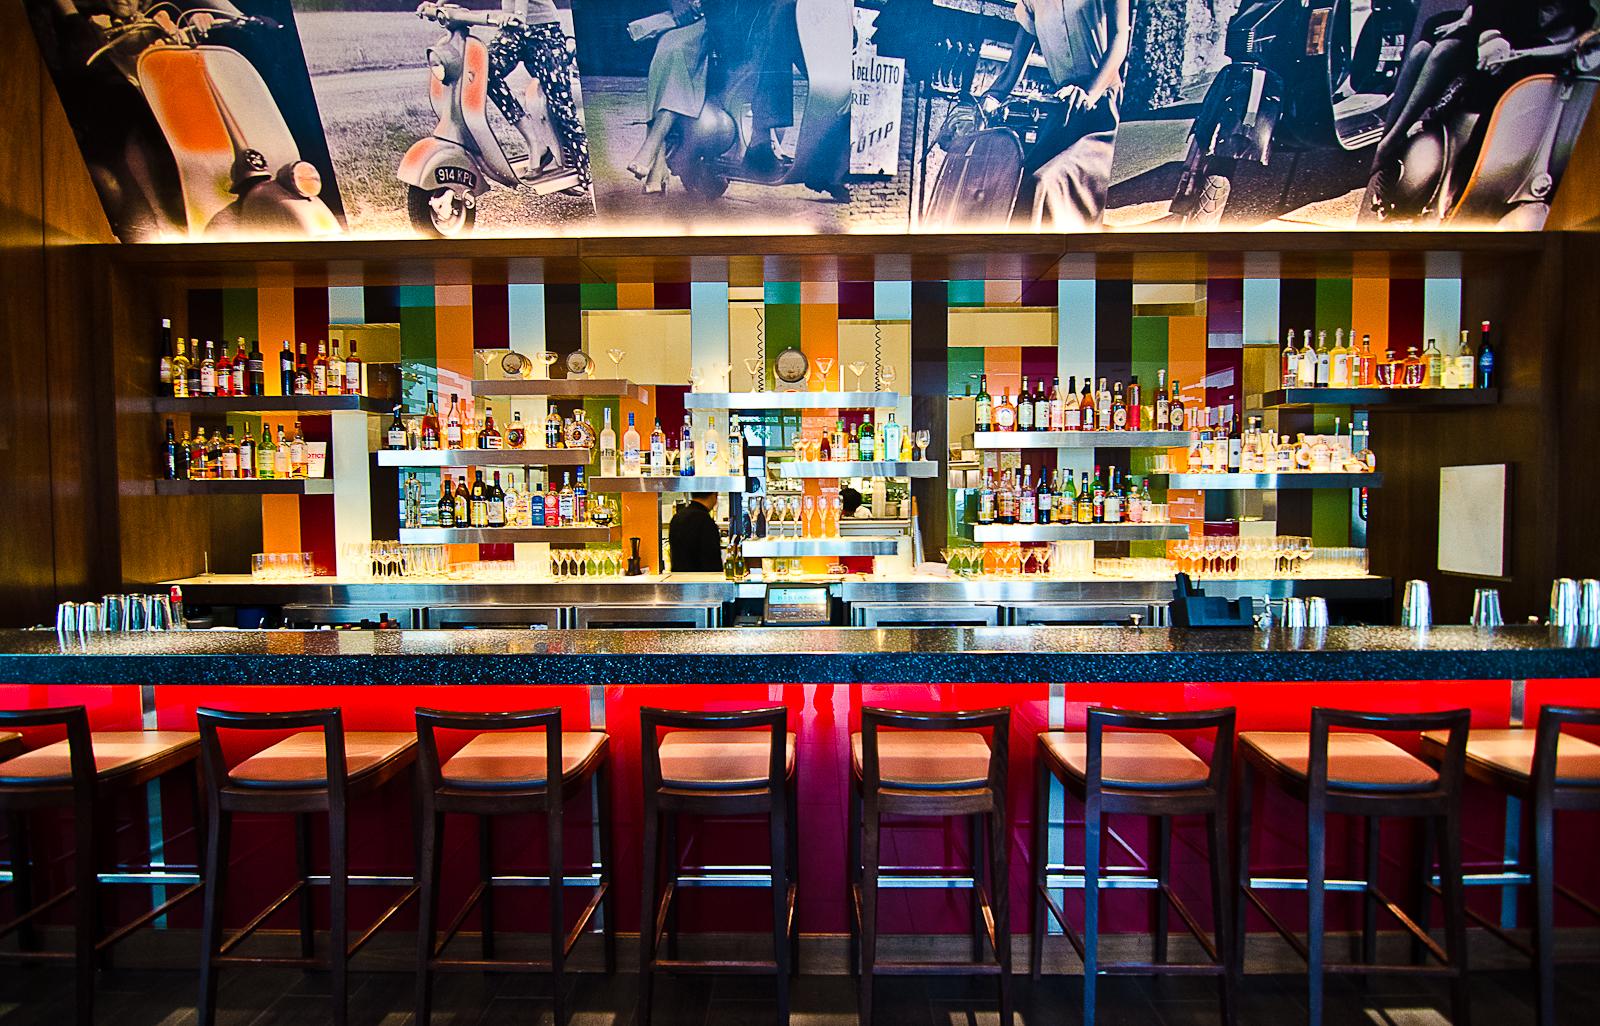 Bibiana's bar